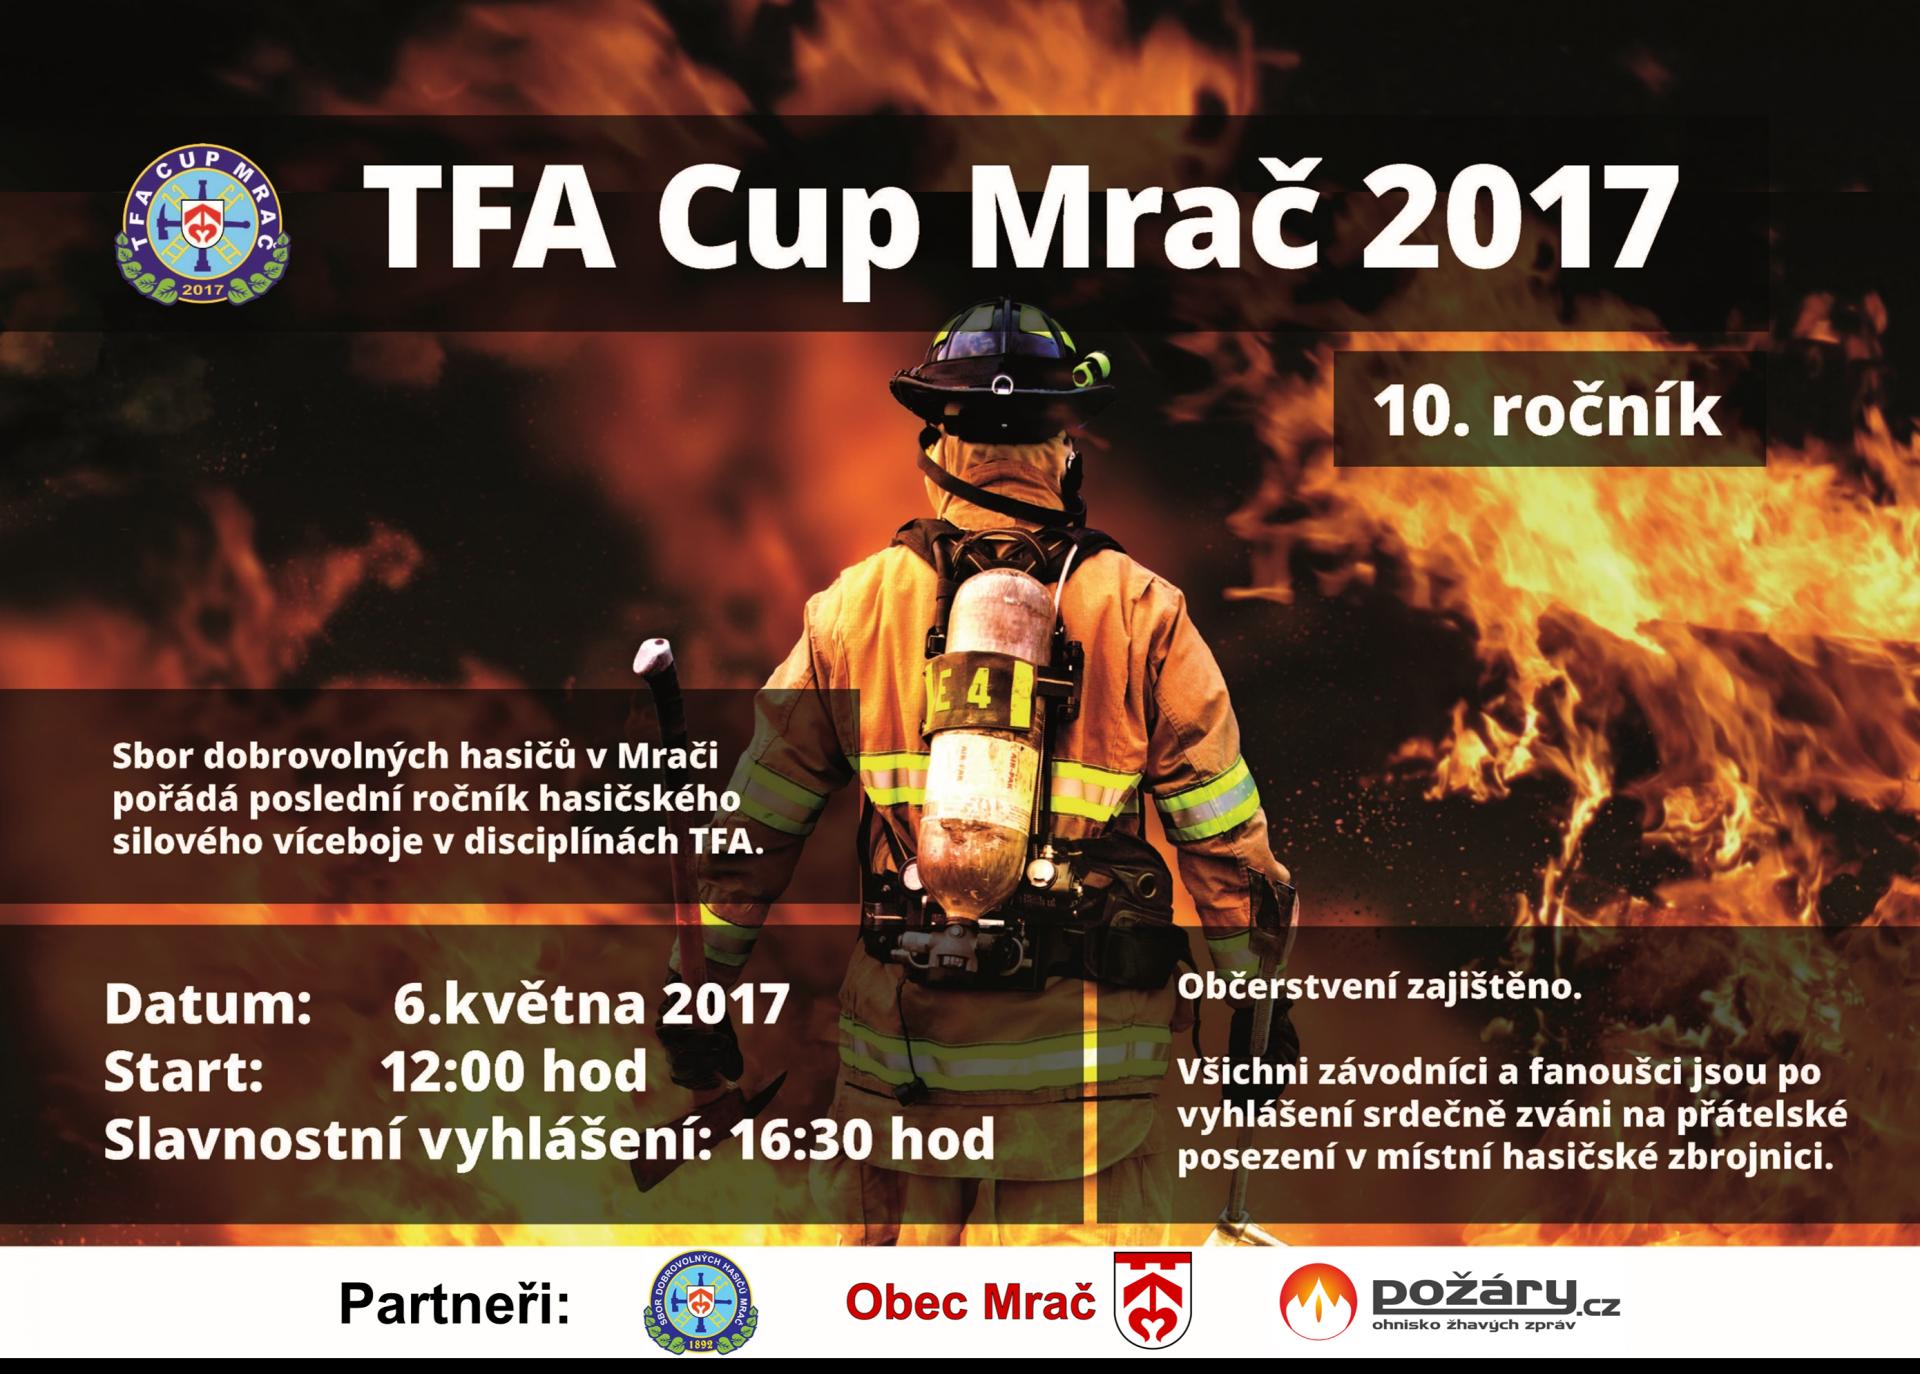 TFA CUP Mrač 2017